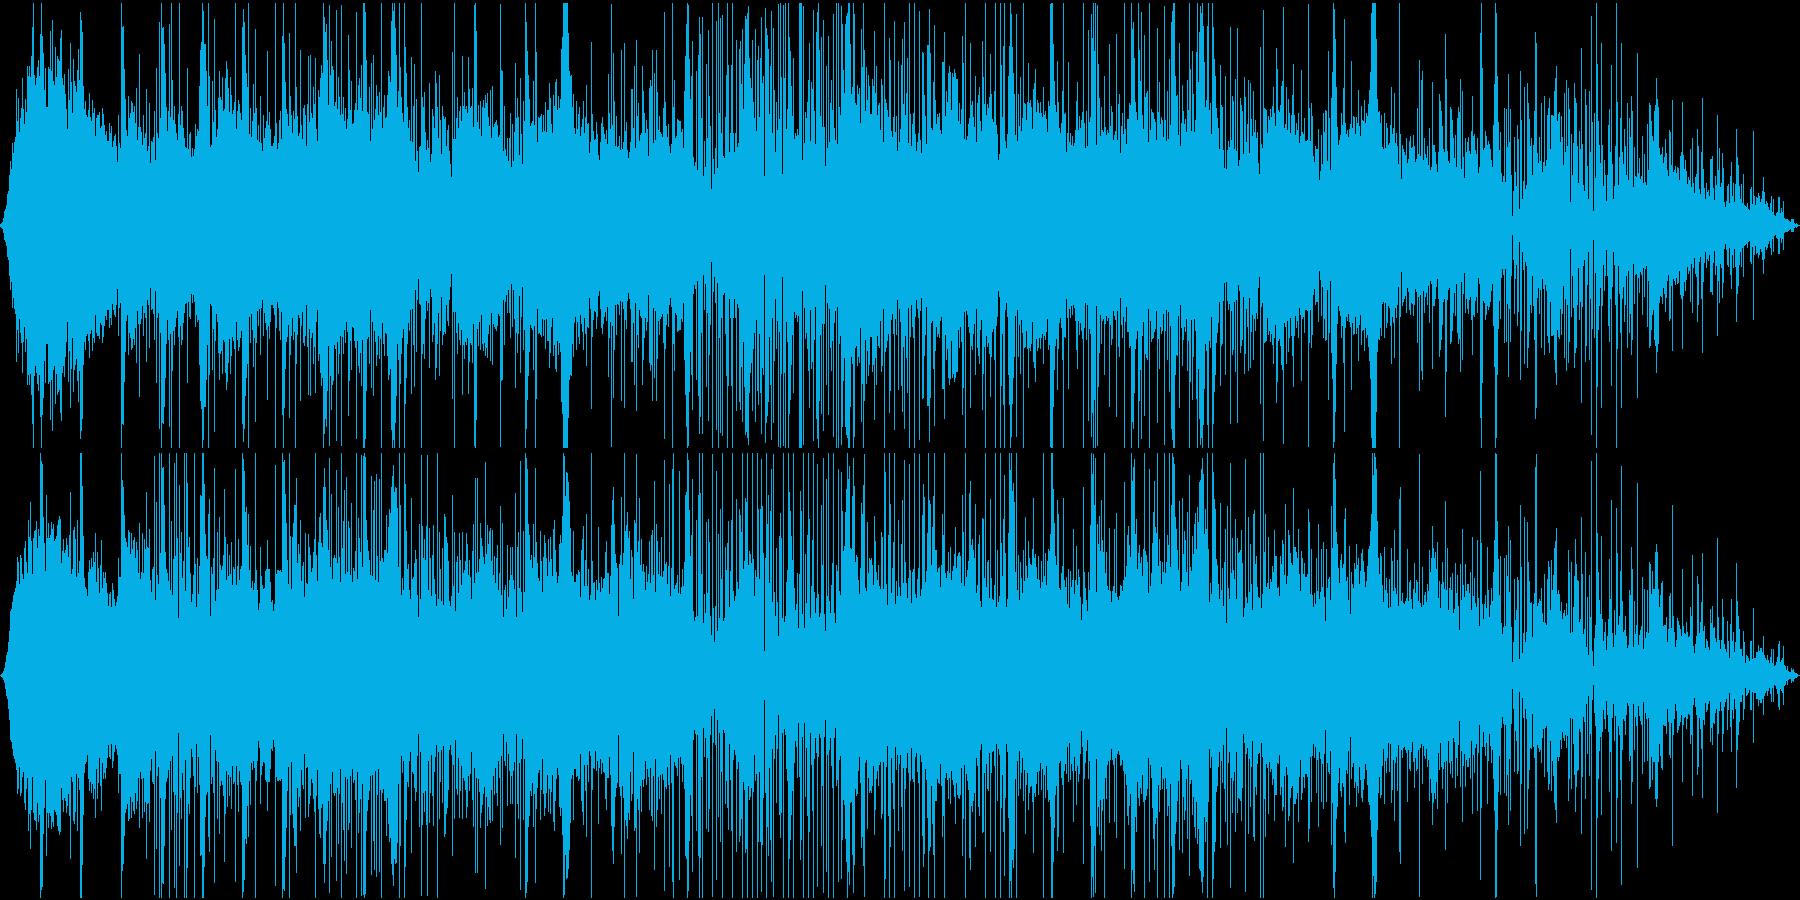 逃走中の雰囲気、緊張感のある音楽の再生済みの波形